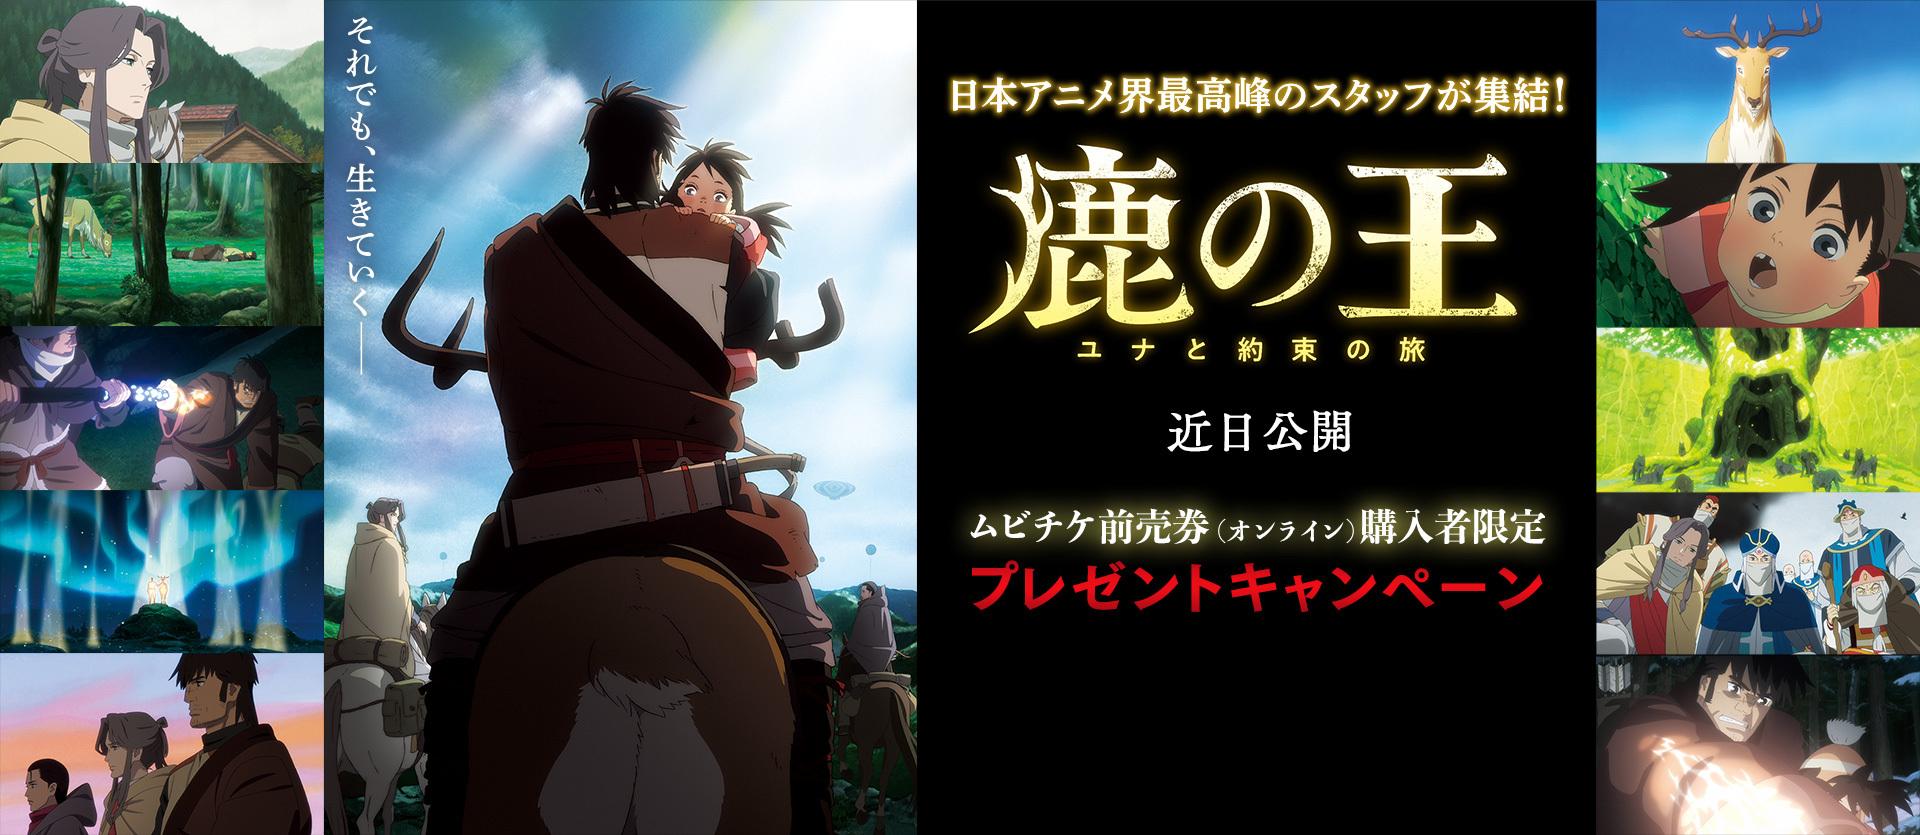 映画『鹿の王 ユナと約束の旅』ムビチケ前売券(オンライン)購入者限定 プレゼントキャンペーン